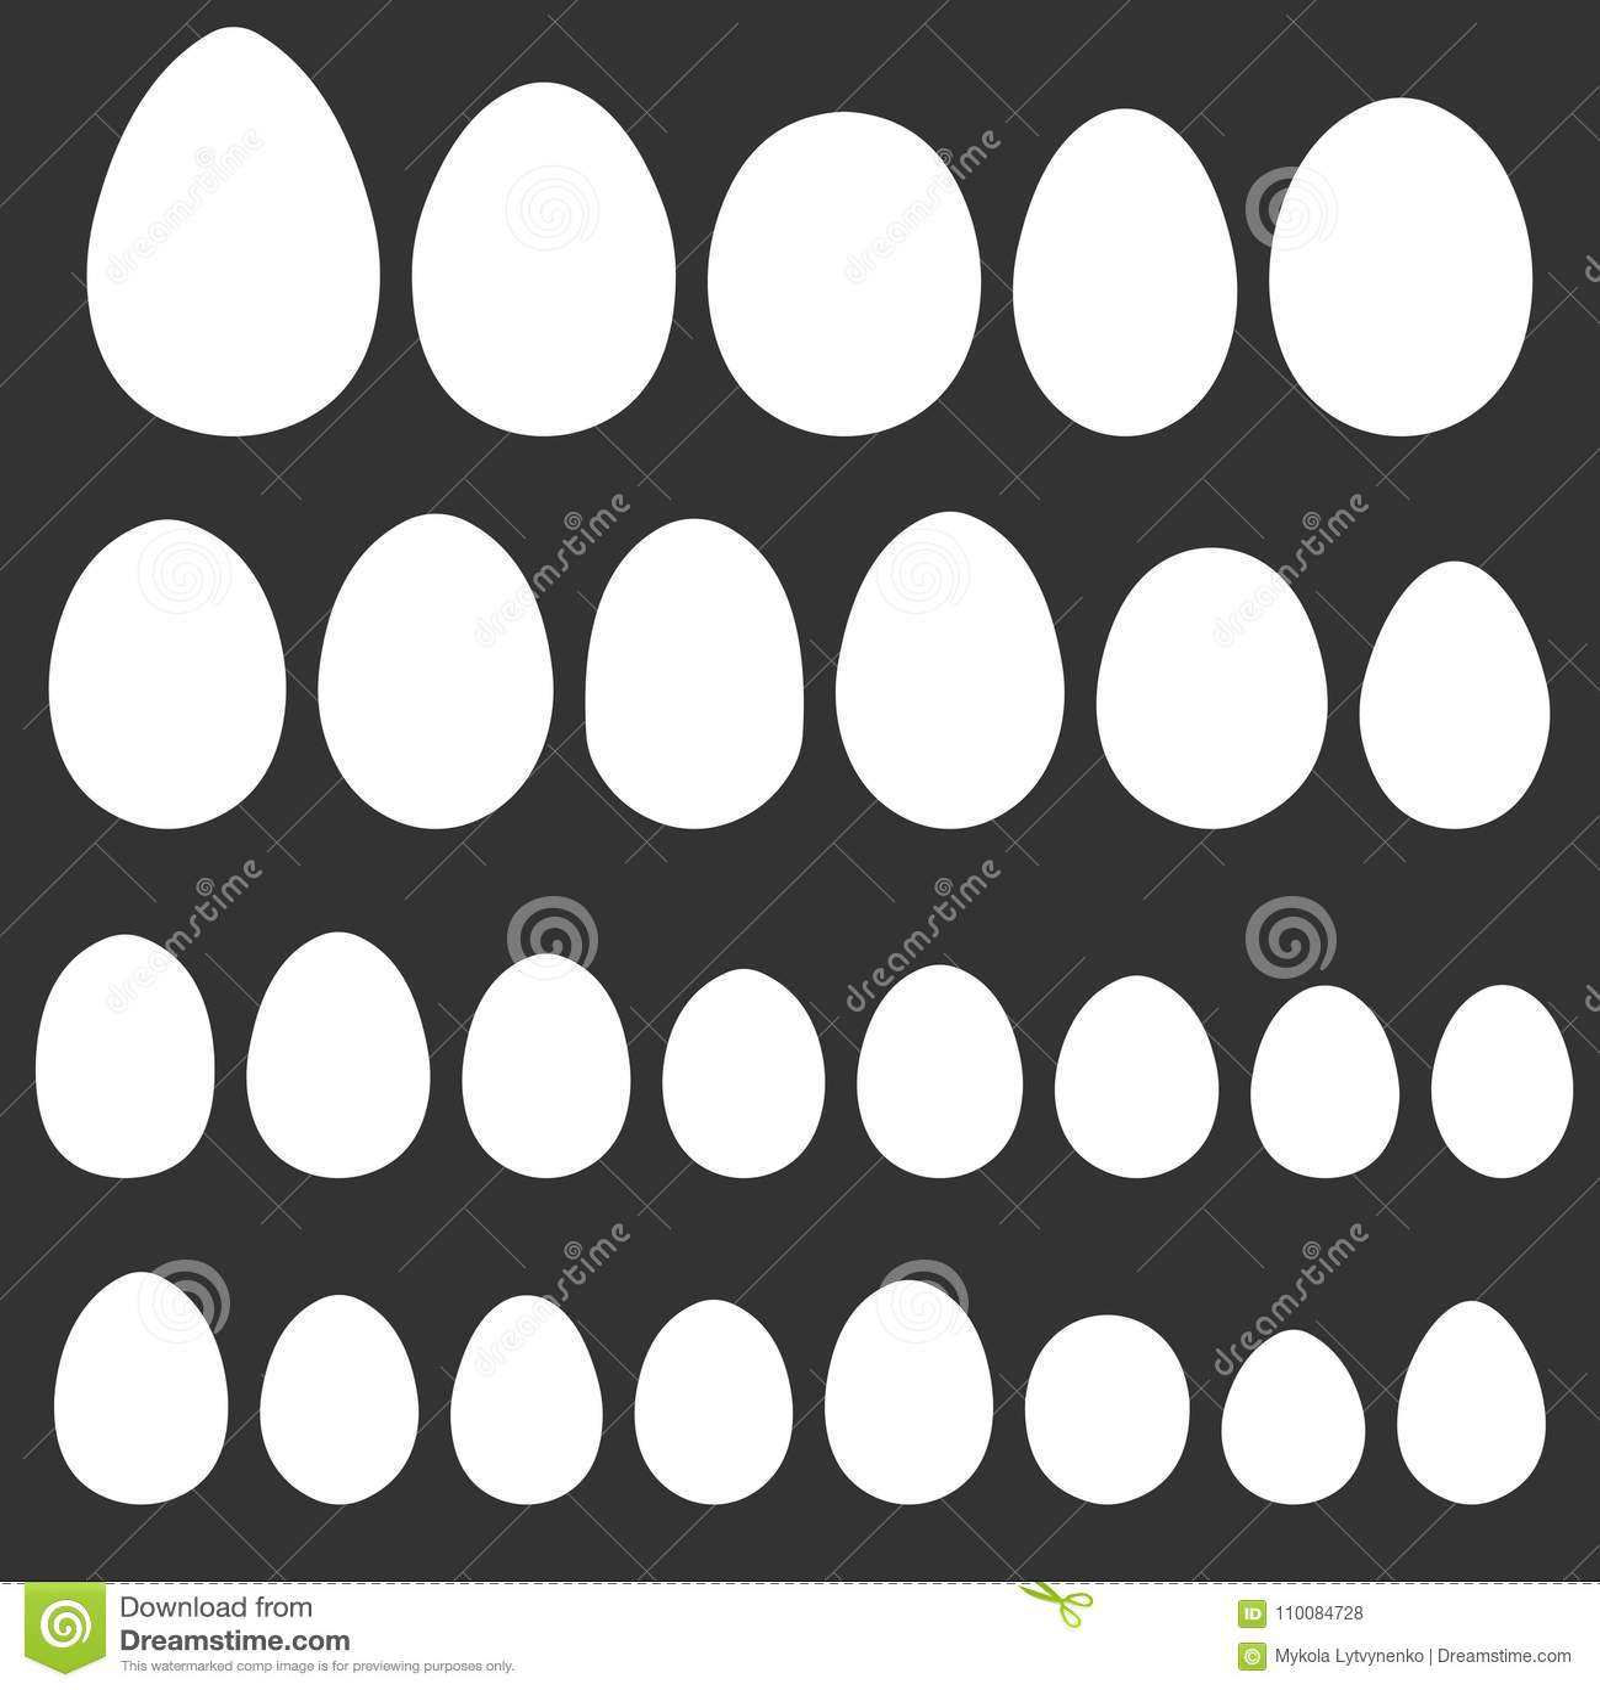 Ställ in äggformmallen för handteckningen för påskferie, olik form för vektor av fågeläggreptilar, för påskdesign